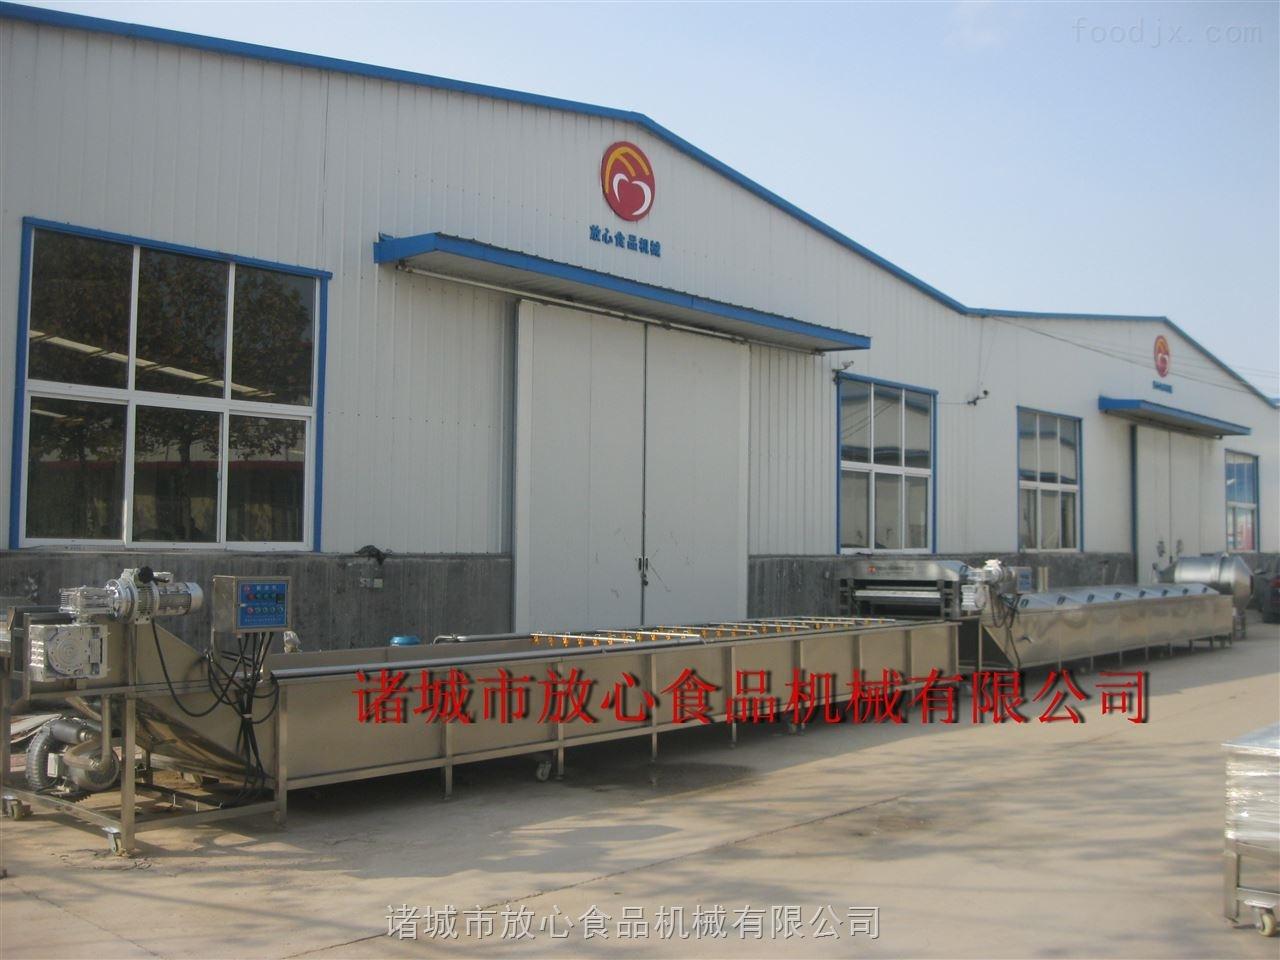 酱菜加工流水线专业生产厂家太阳集团娱乐网址品牌